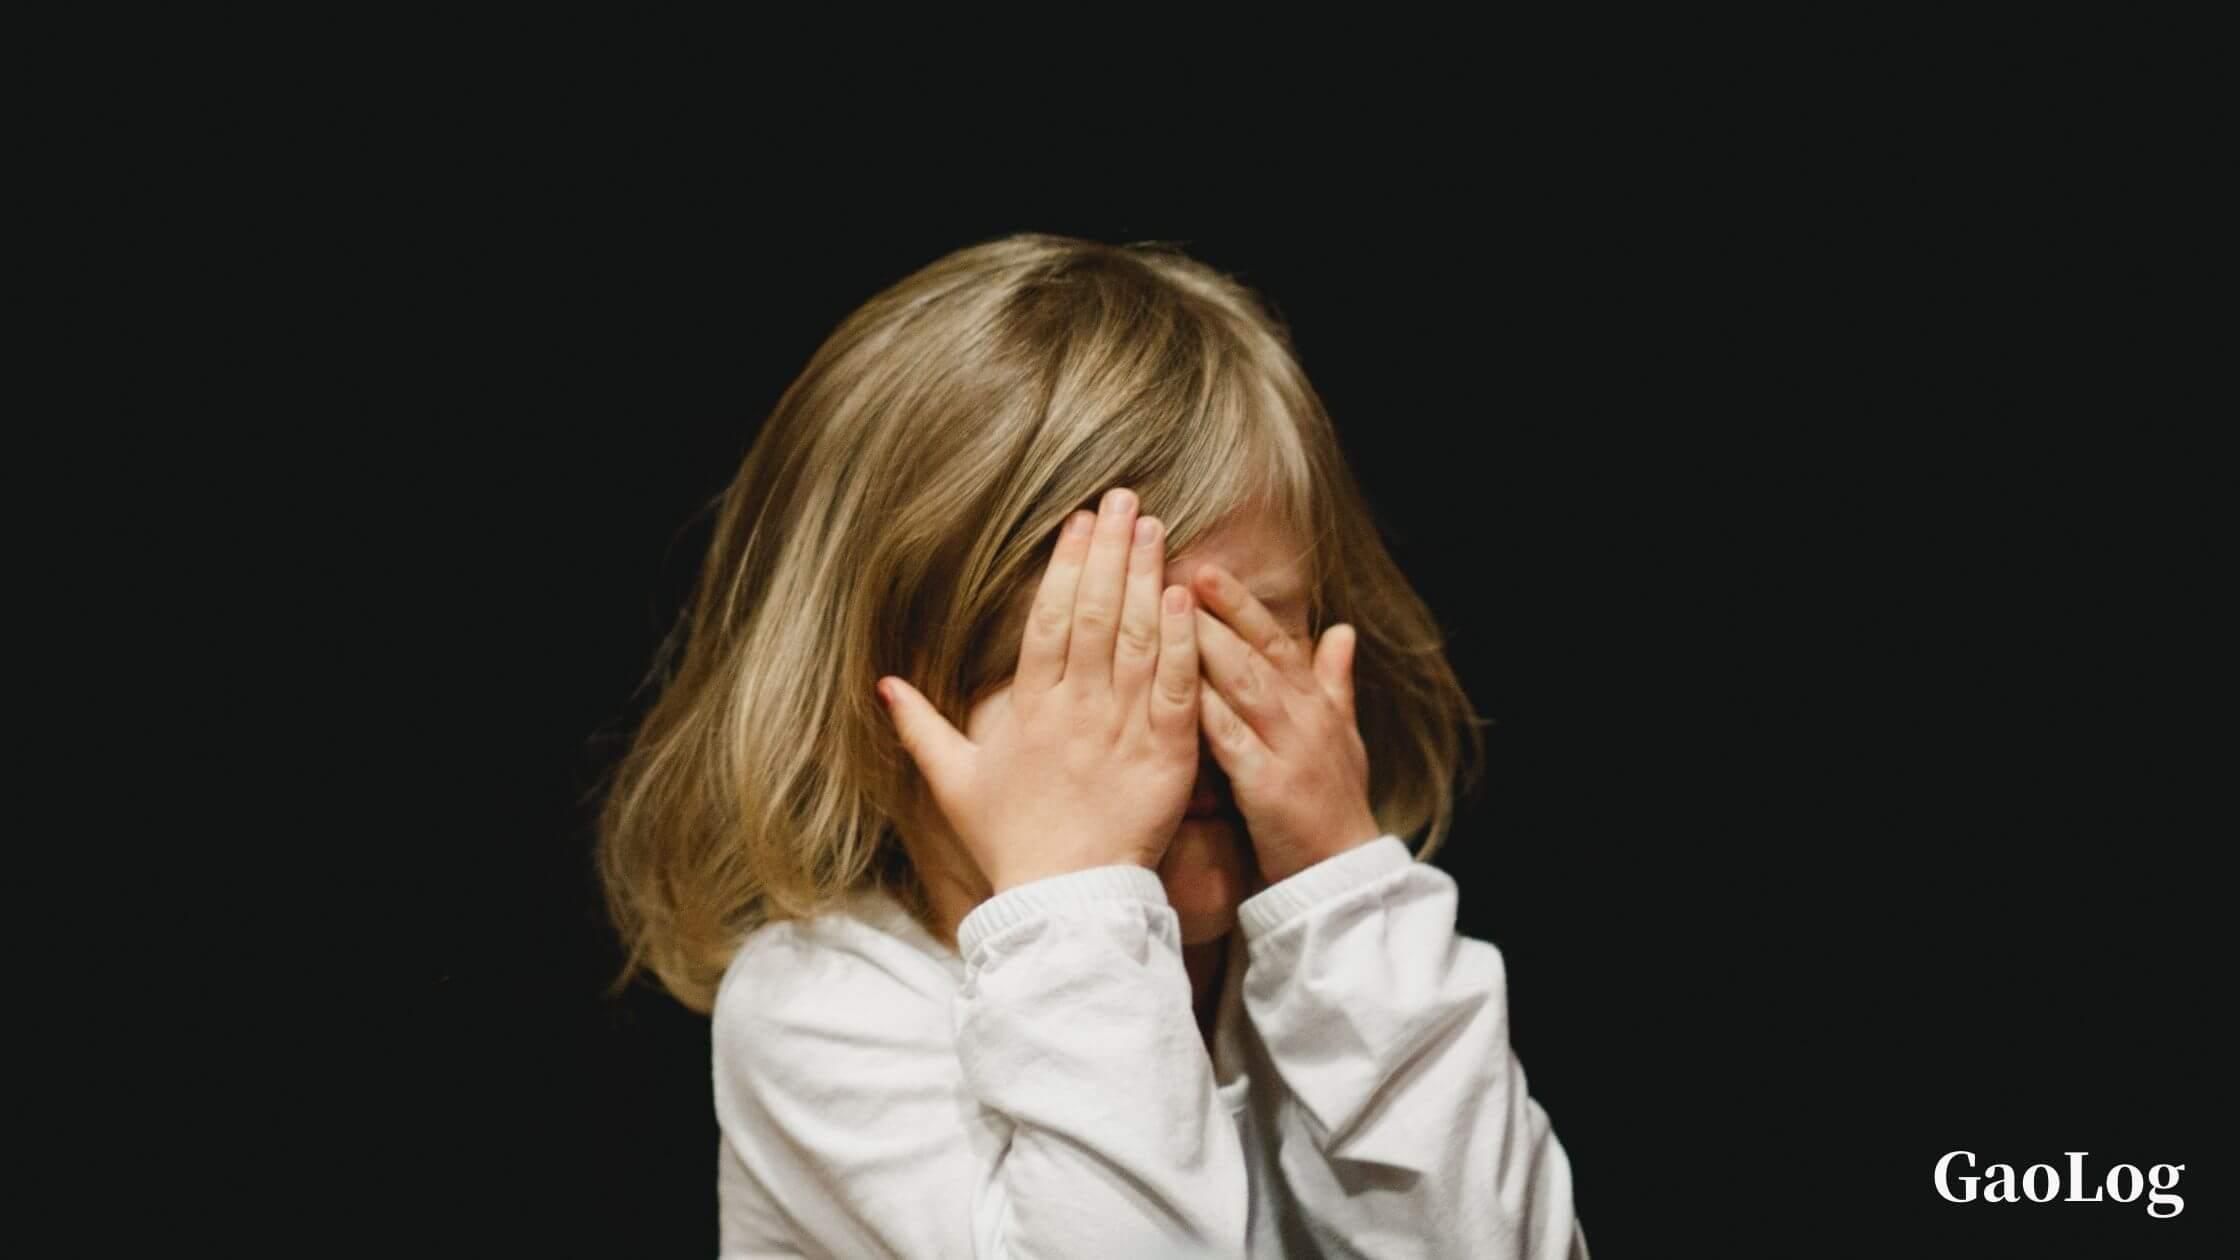 【効果なし?】子供がオンライン英会話を受講する意味はある?デメリットまで徹底解説